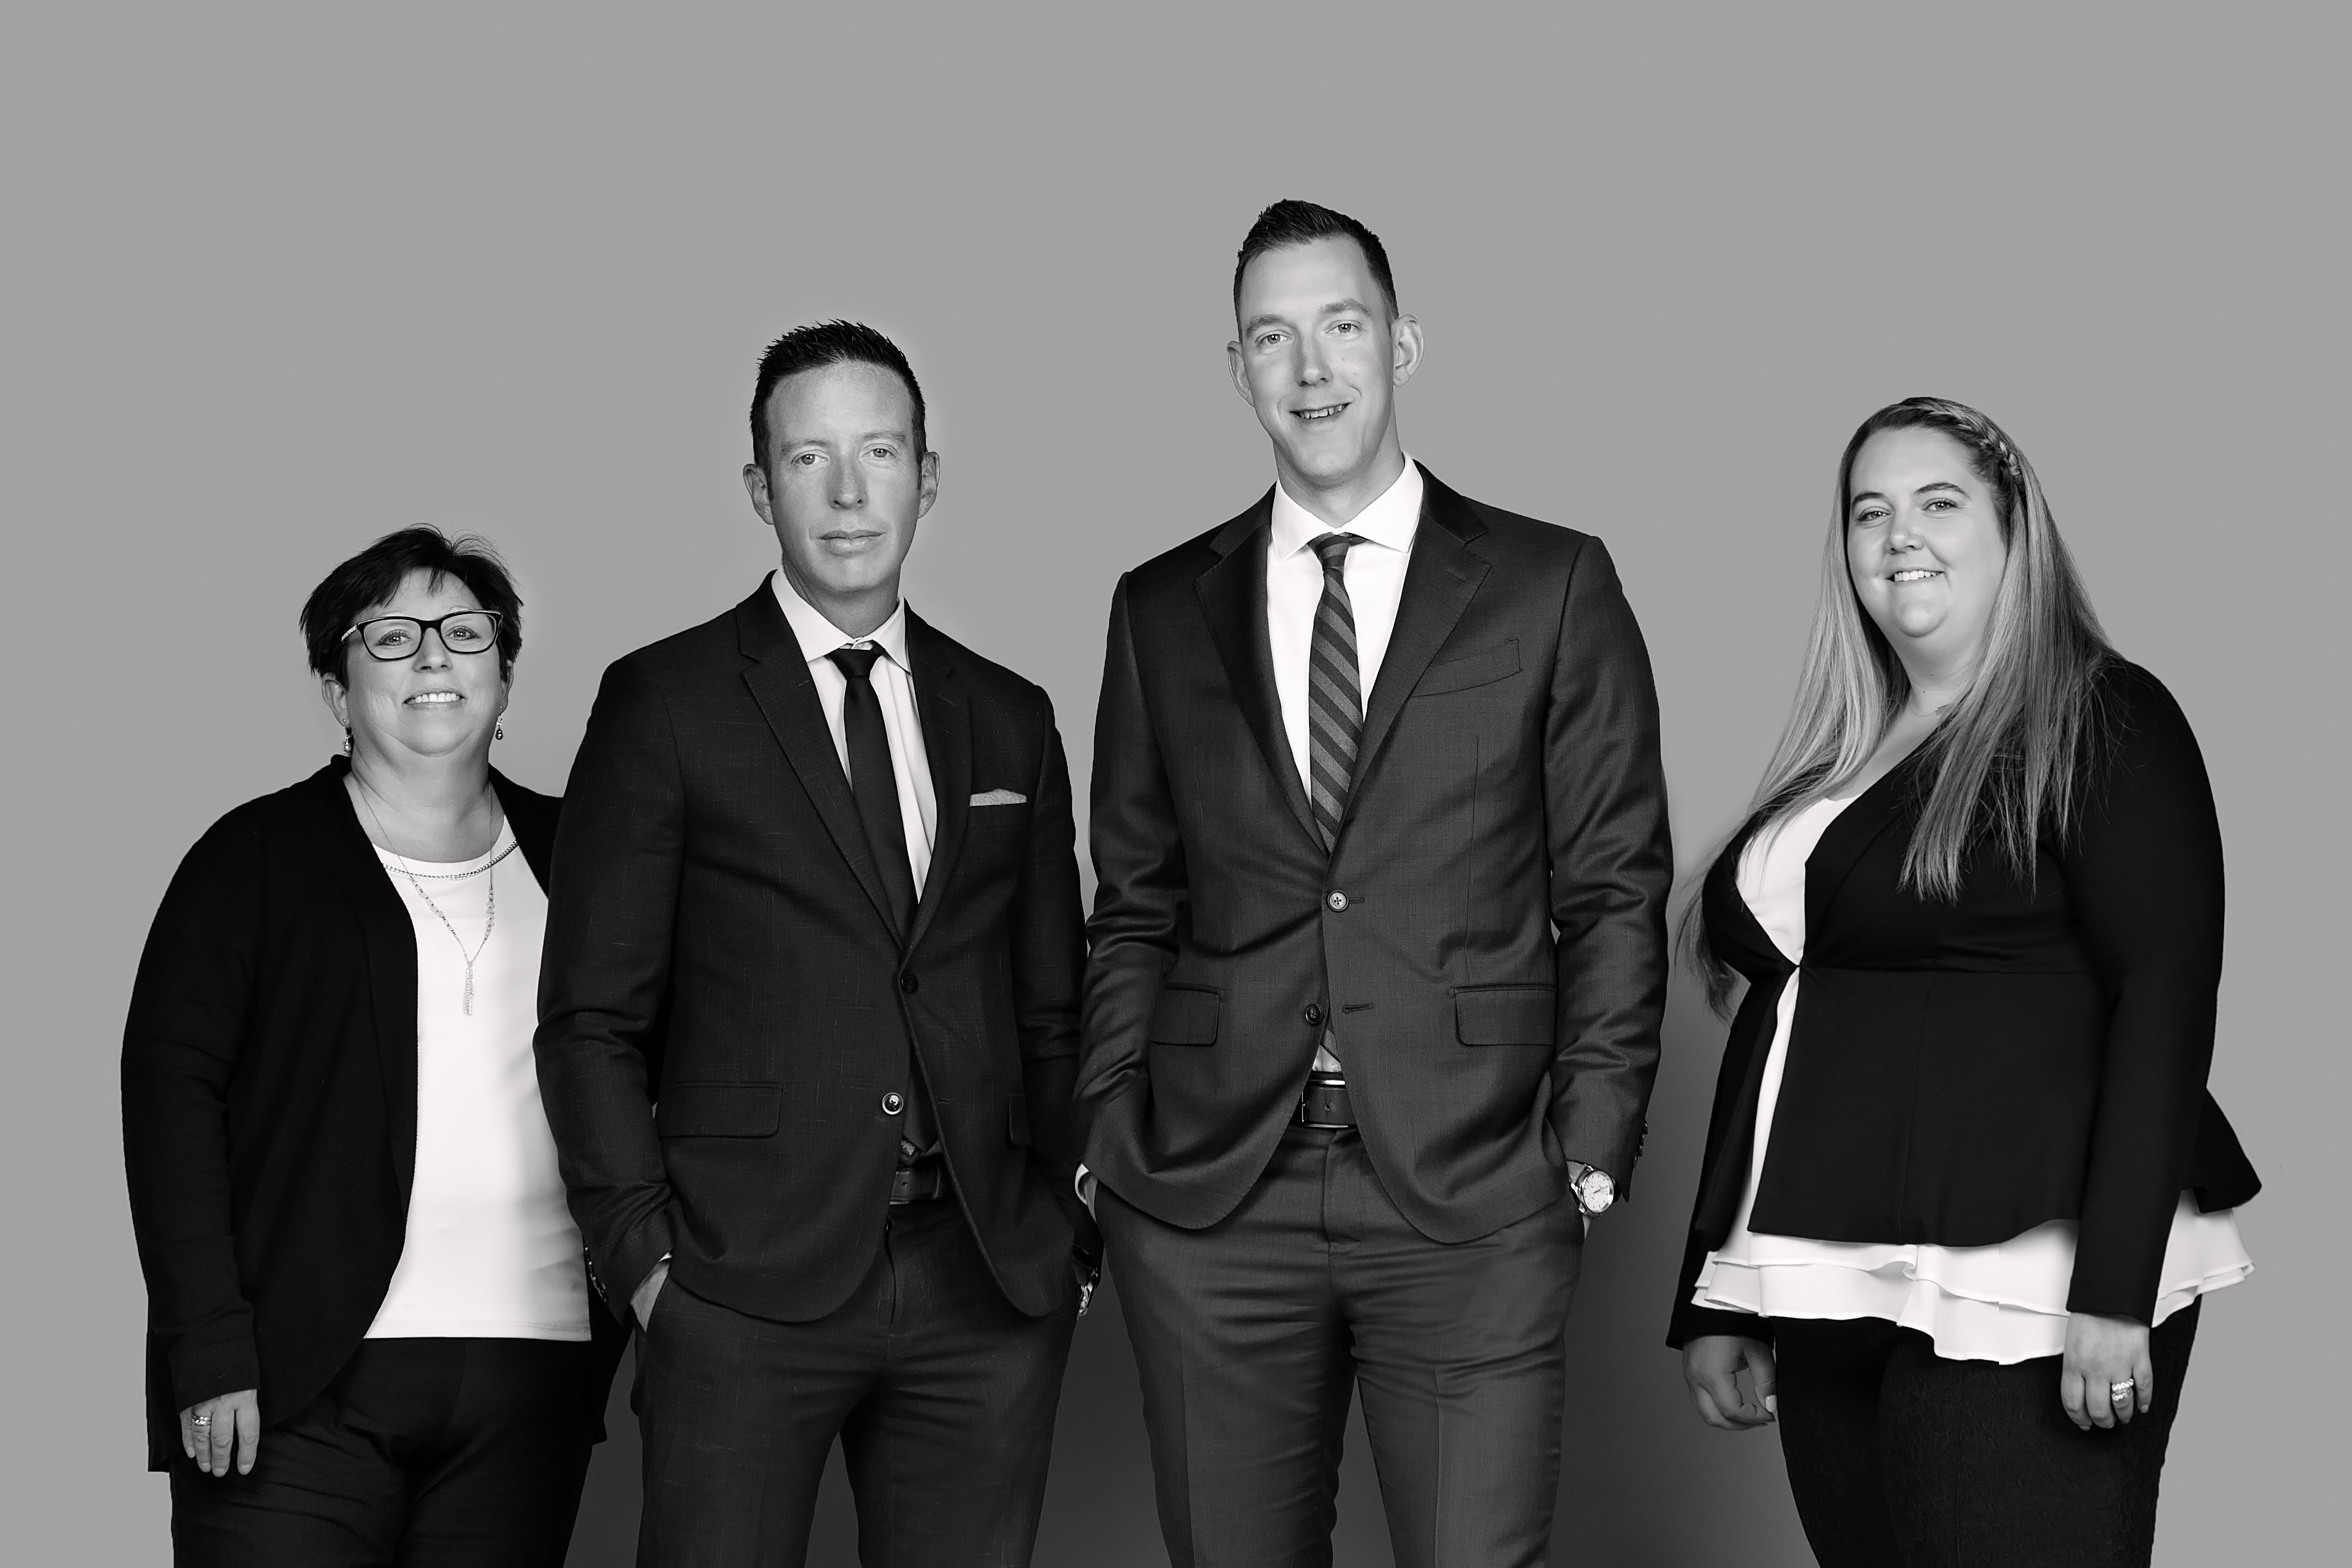 Curtis Grainger & Jason Fields | Investment Advisors - RBC Mobile